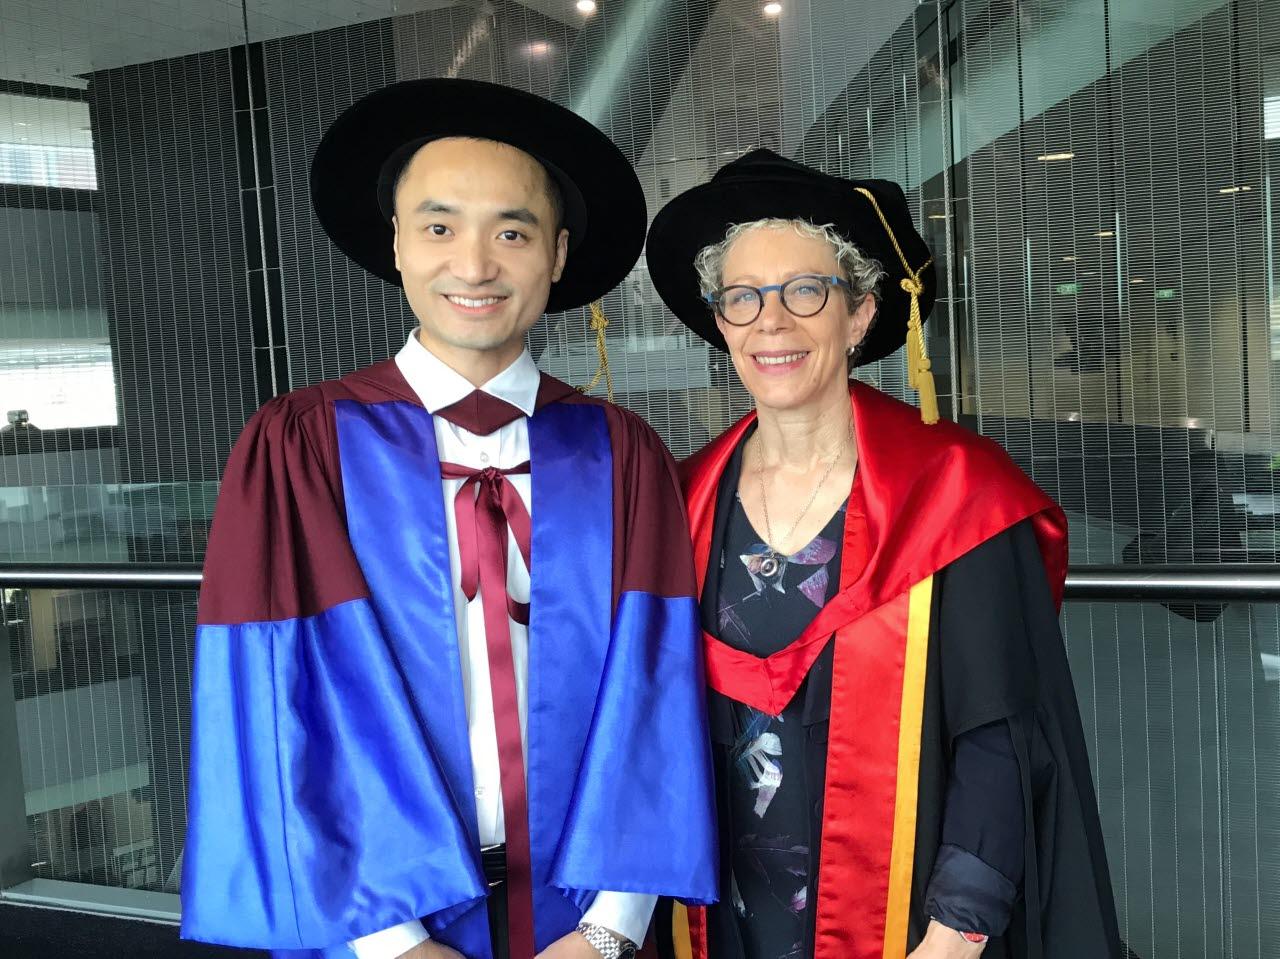 William Cheung MRICS with Professor Deborah Levy FRICS